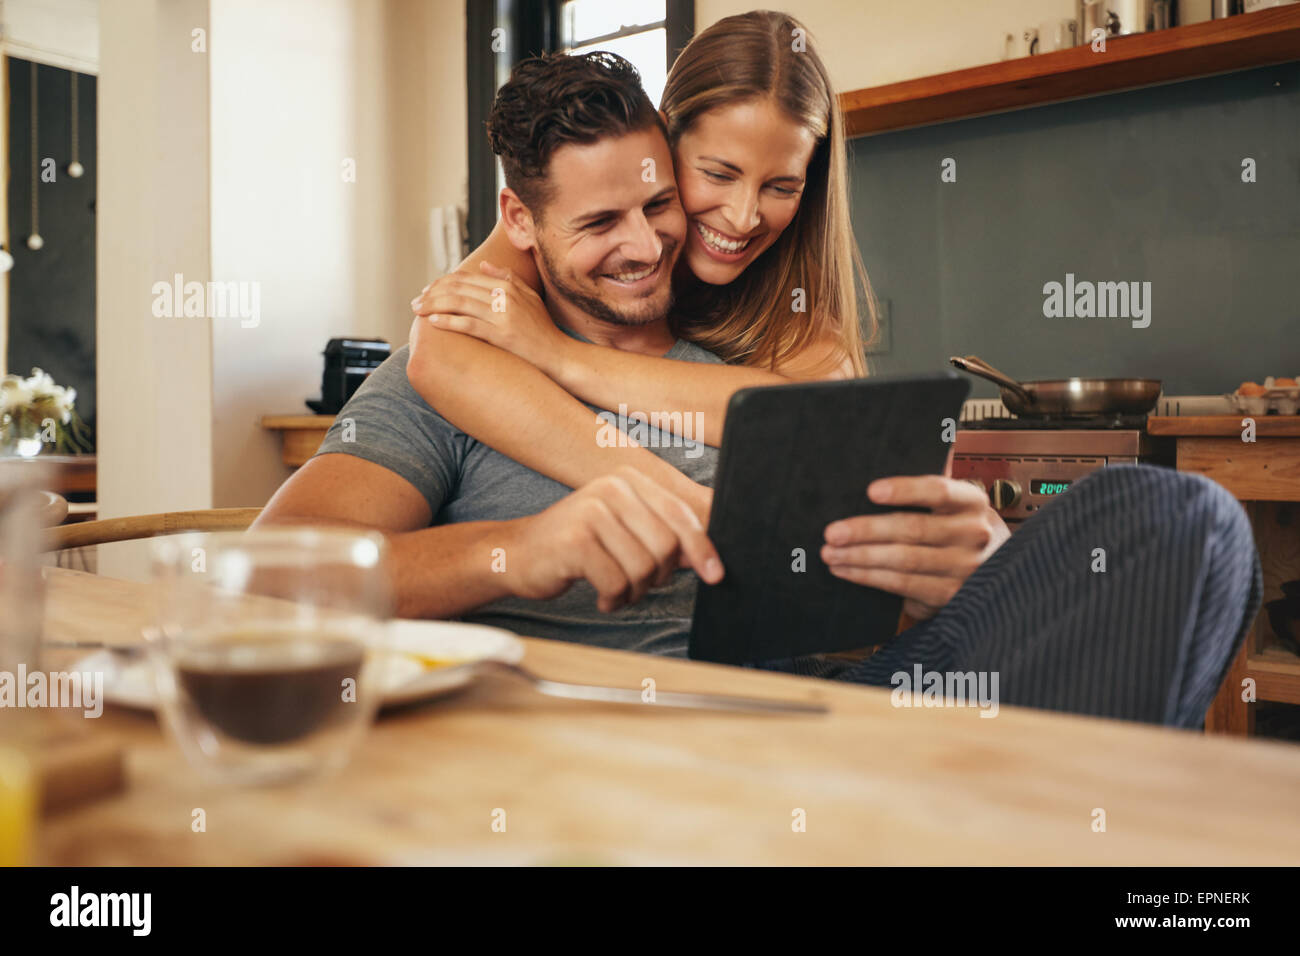 Par sonriendo mientras leen un equipo tablet pc juntos en la mañana en la cocina. Hombre y mujer joven remontando Imagen De Stock